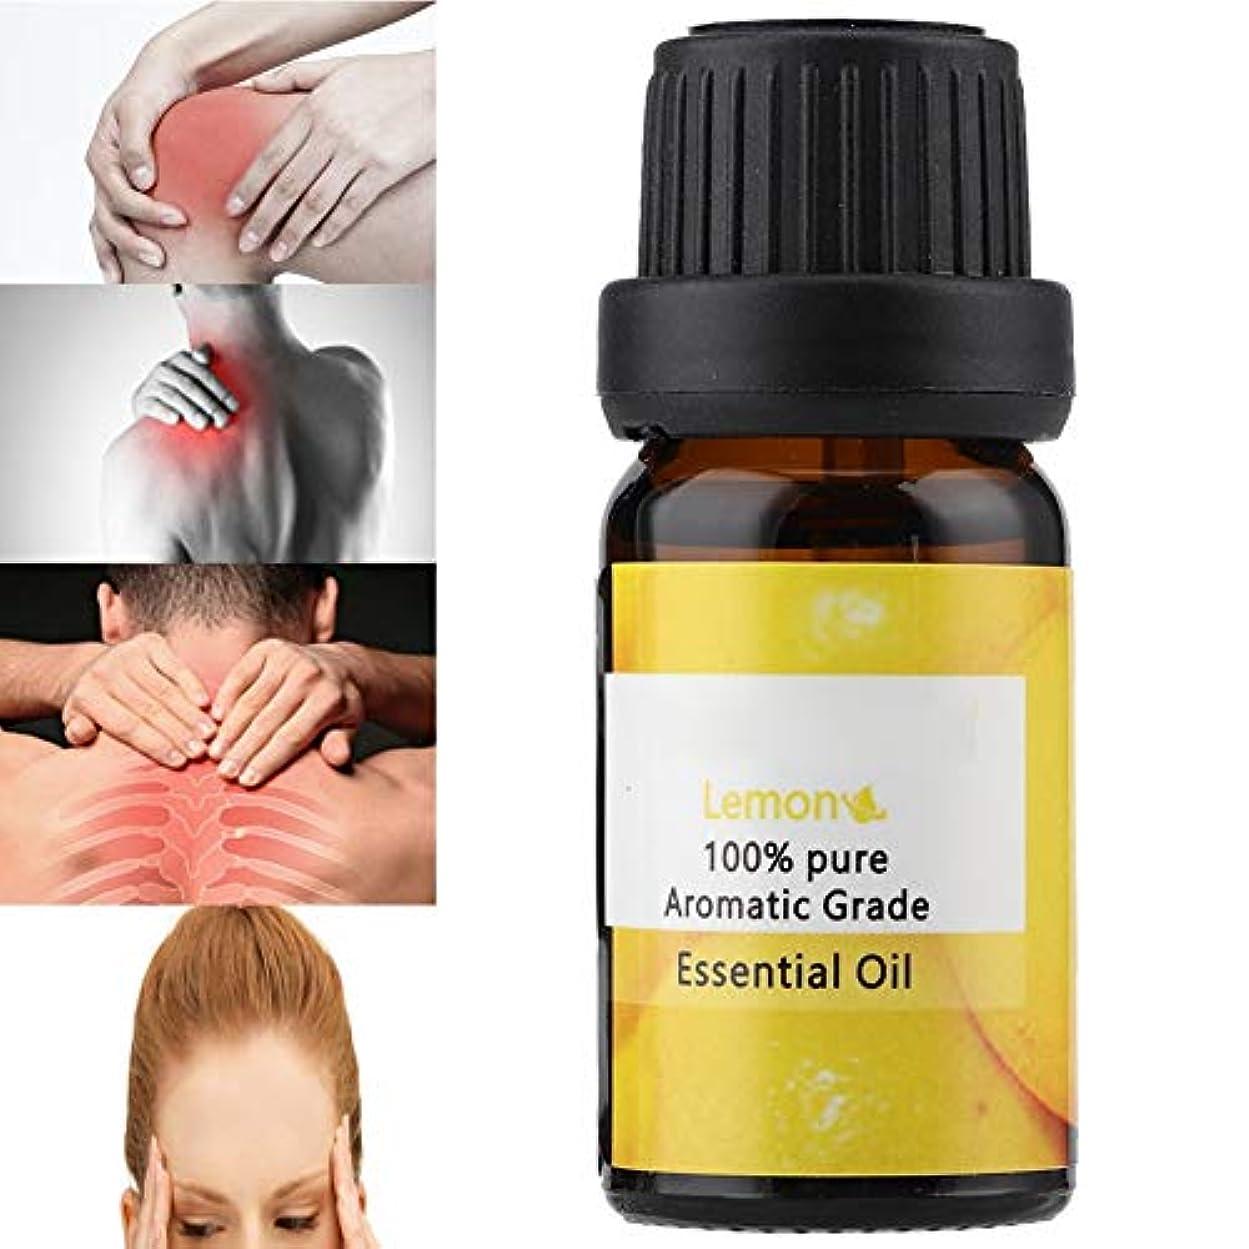 急勾配のメッシュ電子エッセンシャルオイル10mlレモンボディマッサージスキンケアボディマッサージ用の保湿オイル痛み不安緩和睡眠を改善